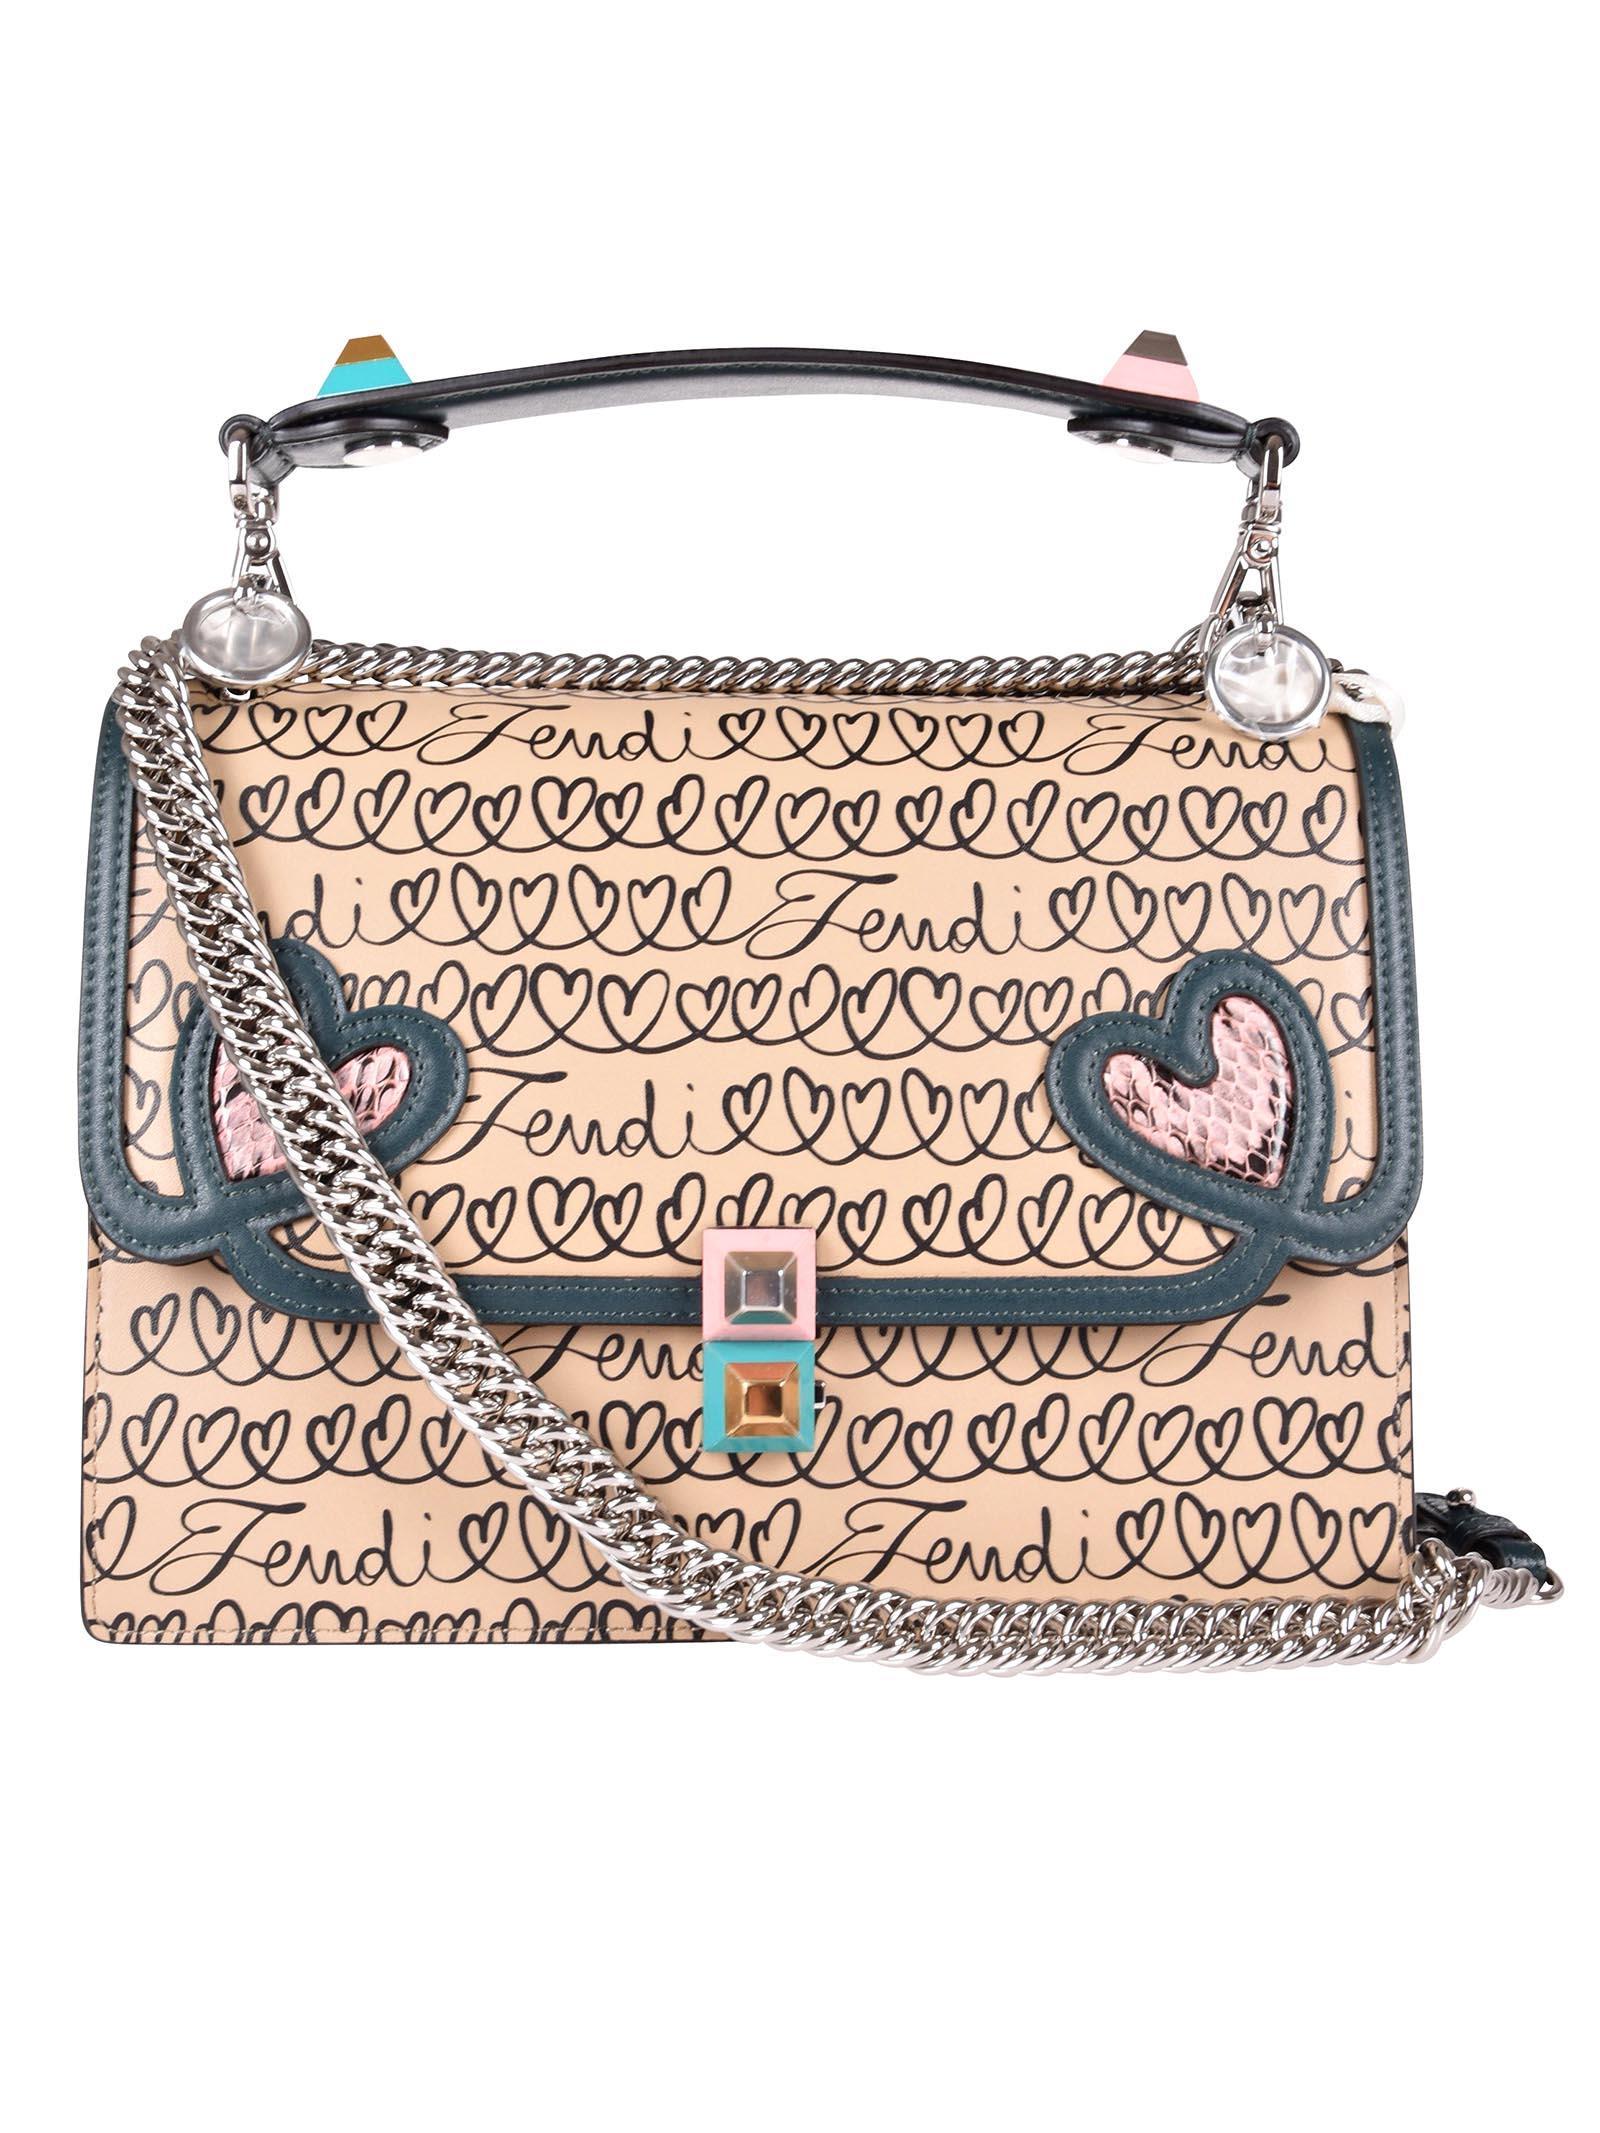 629d79c228c5 Fendi Kan I Liberty Print Shoulder Bag In F13Vamido+Amazz+Mlc+P ...